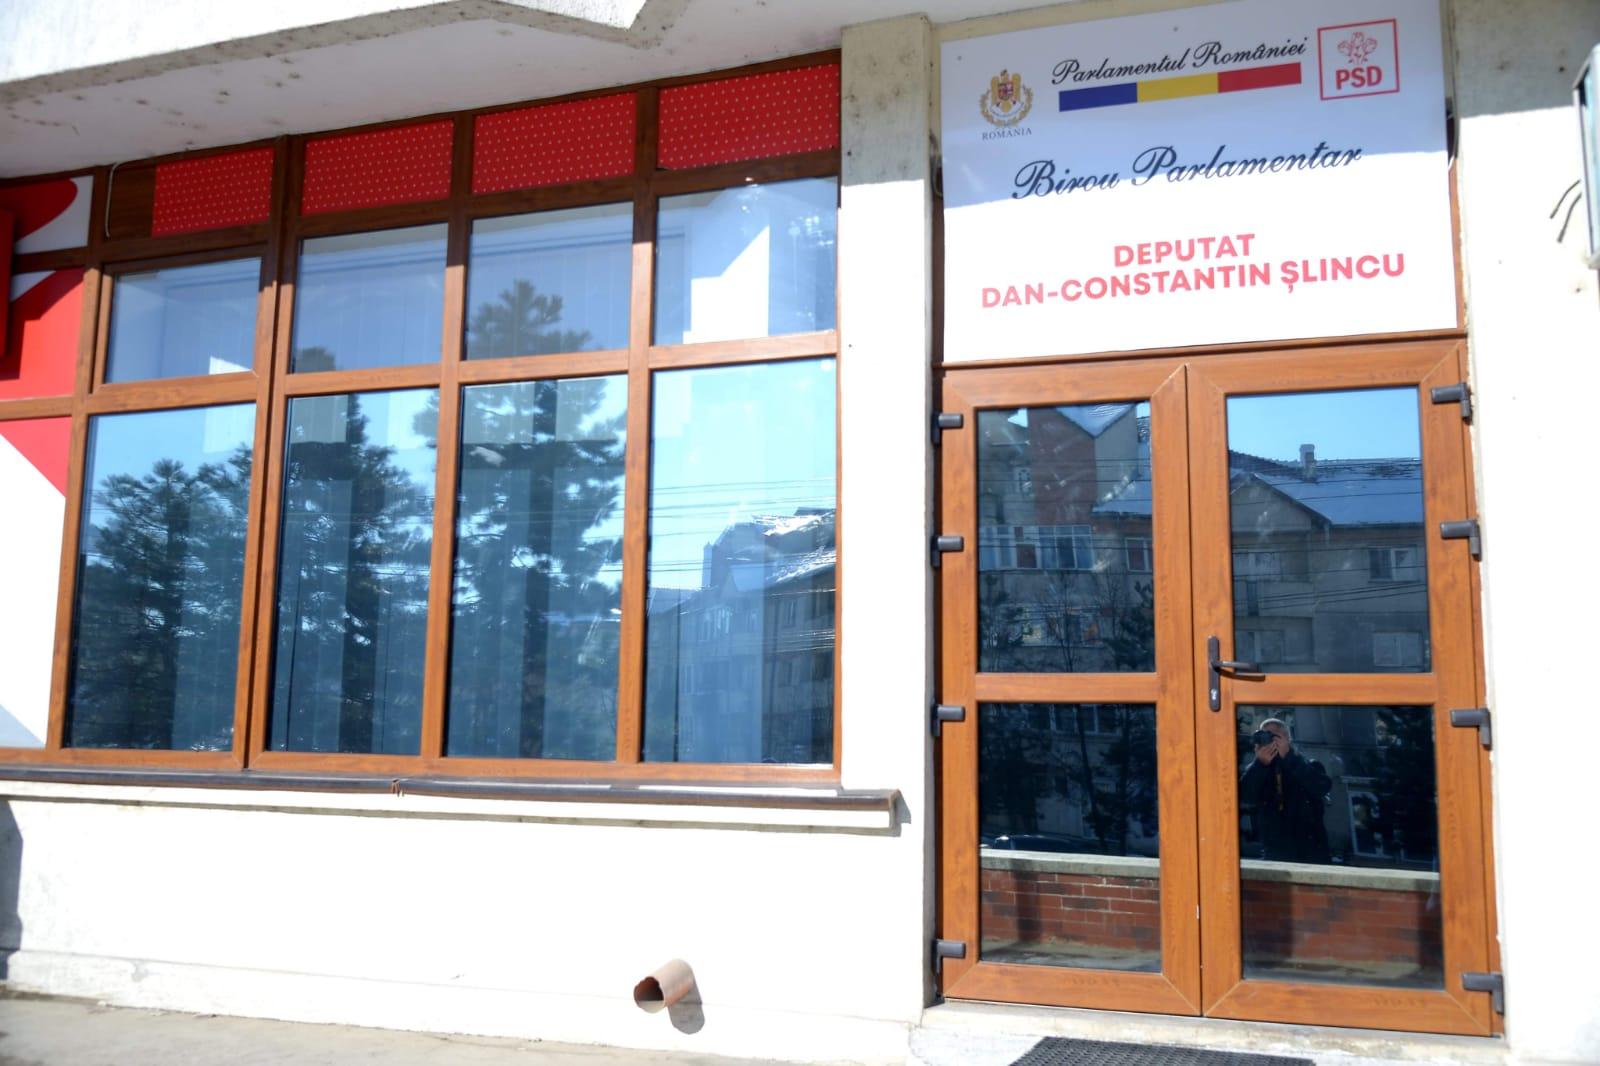 Deputatul social-democrat Dan Șlincu a deschis birou parlamentar în municipiul Dorohoi